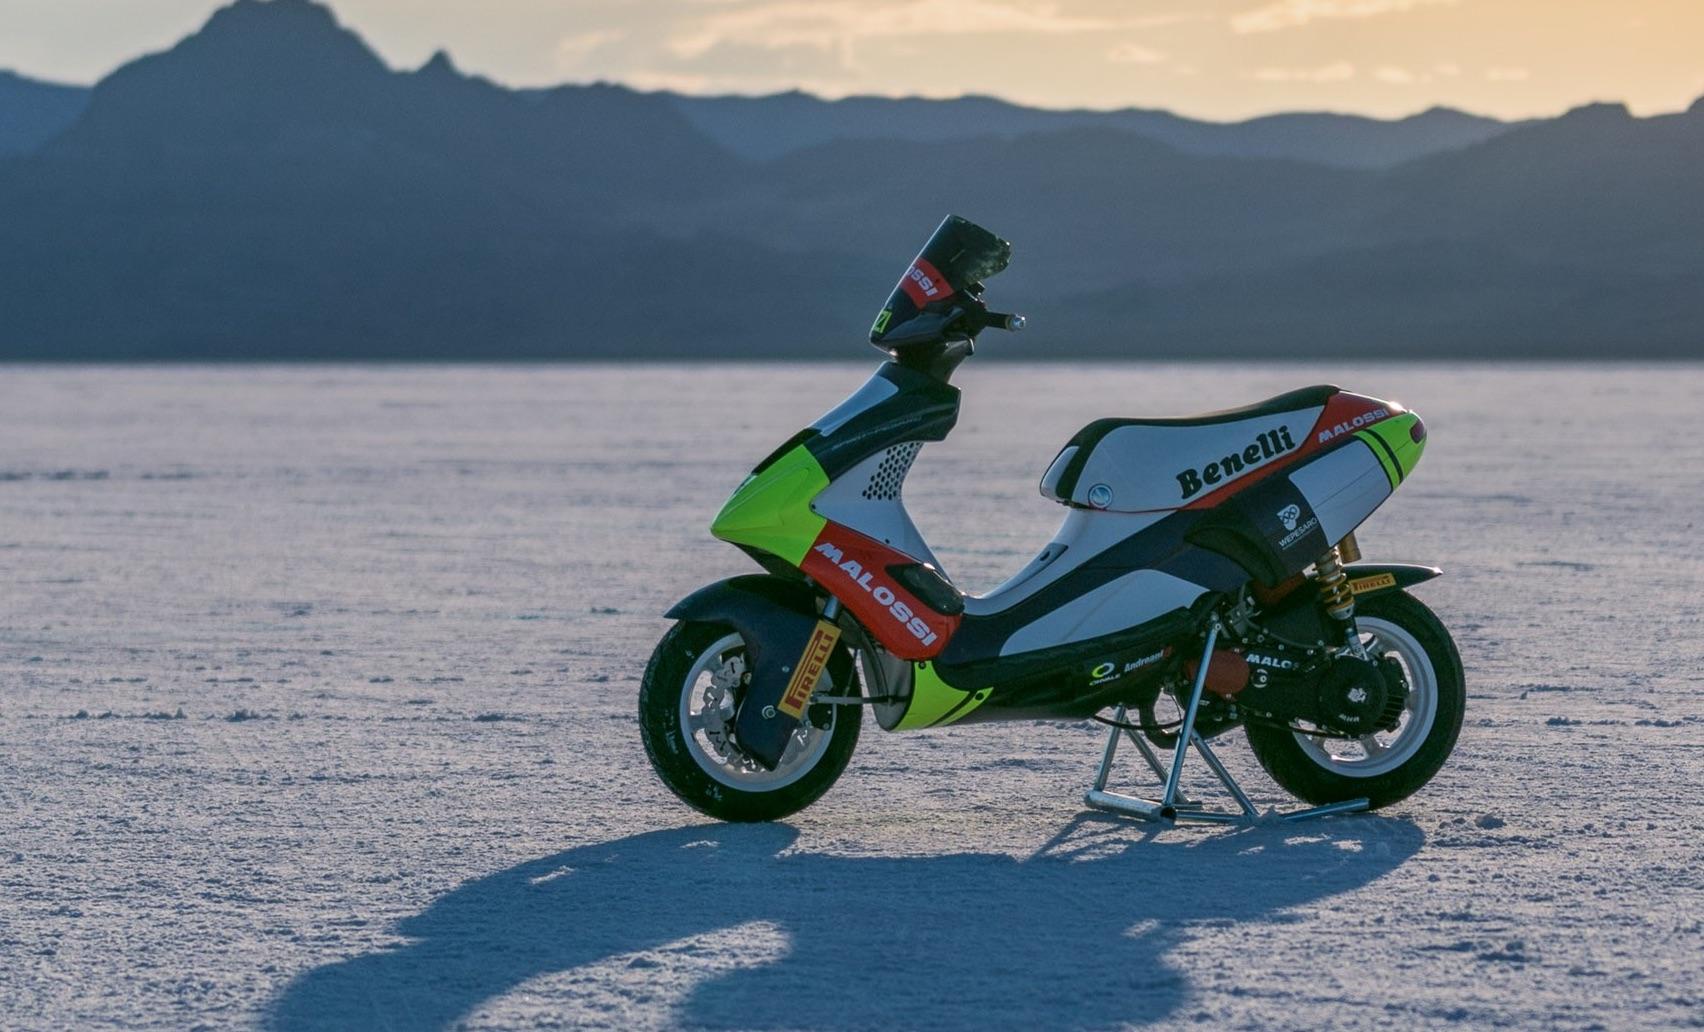 Rompiendo récords en Bonneville con un scooter de 50cc